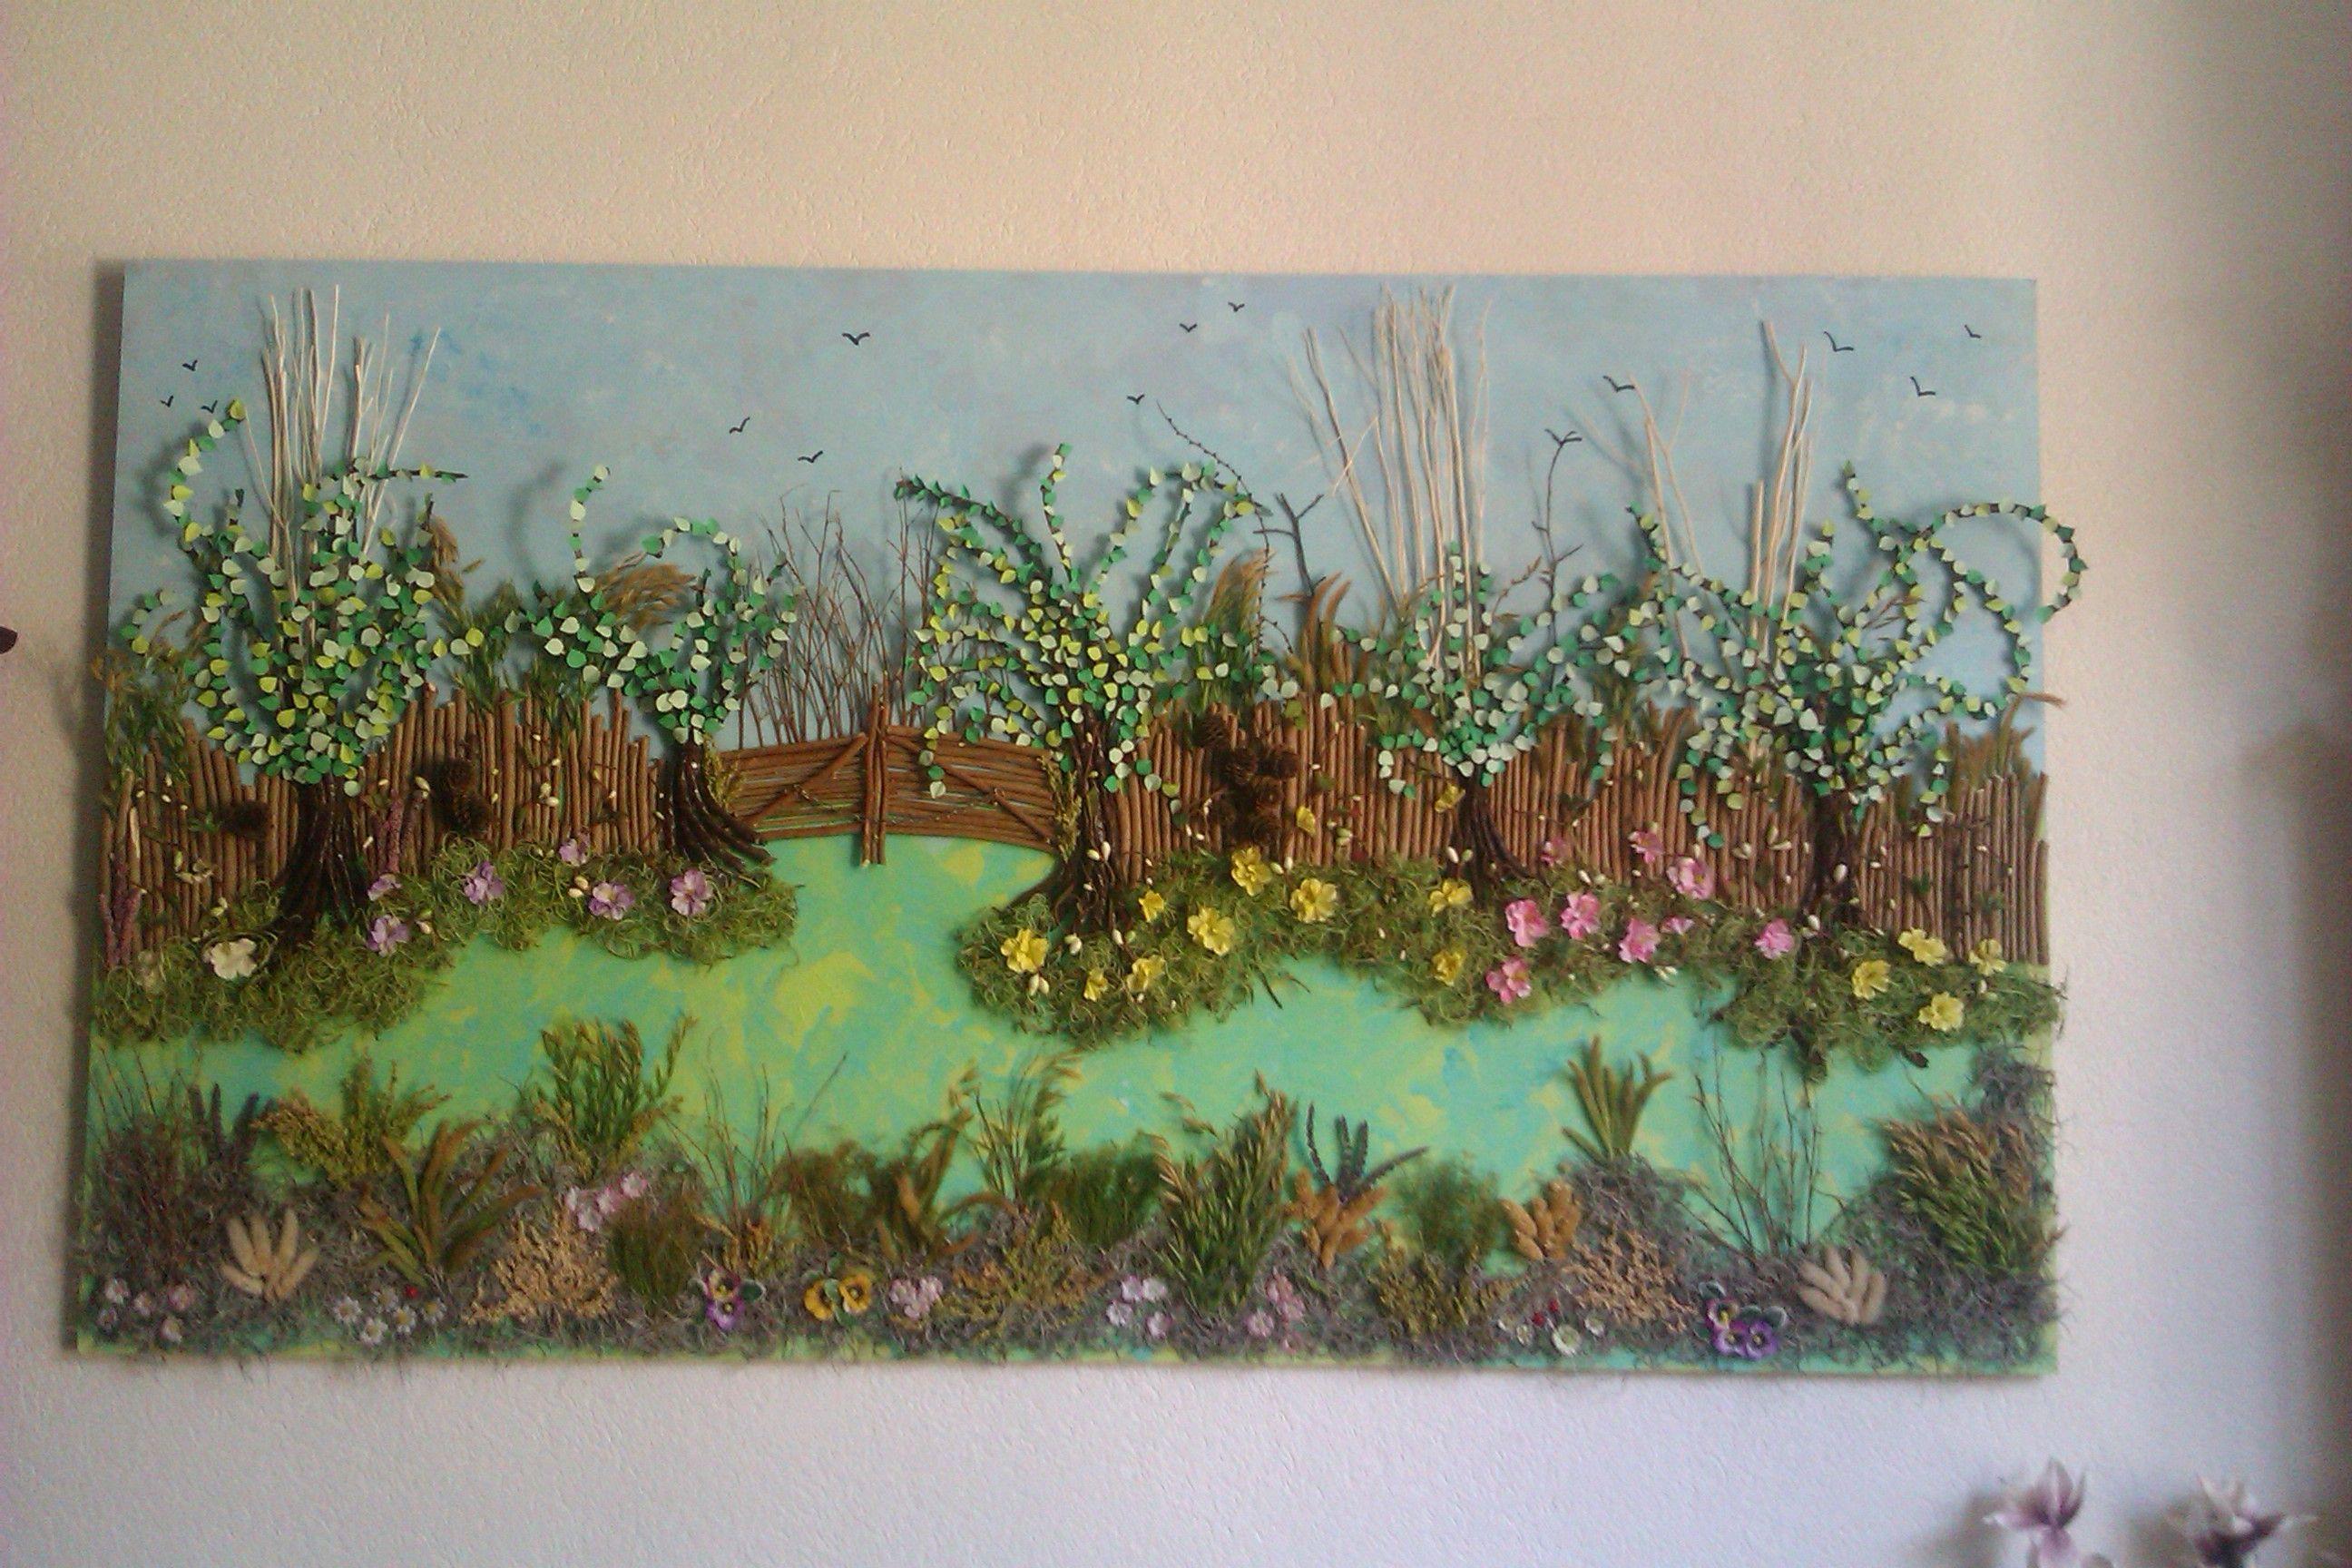 groot schilderij van restjes.Gemaakt door Gerrie van Leeuwen.